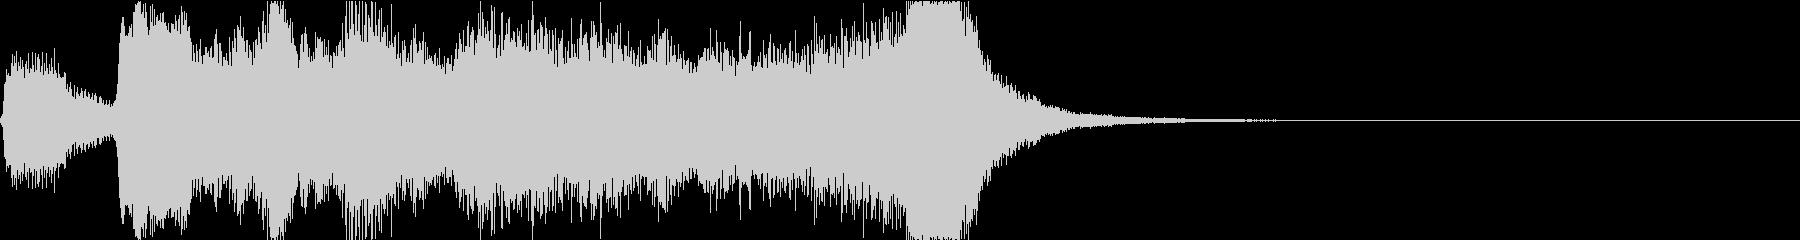 オーケストラによる重厚なジングルの未再生の波形